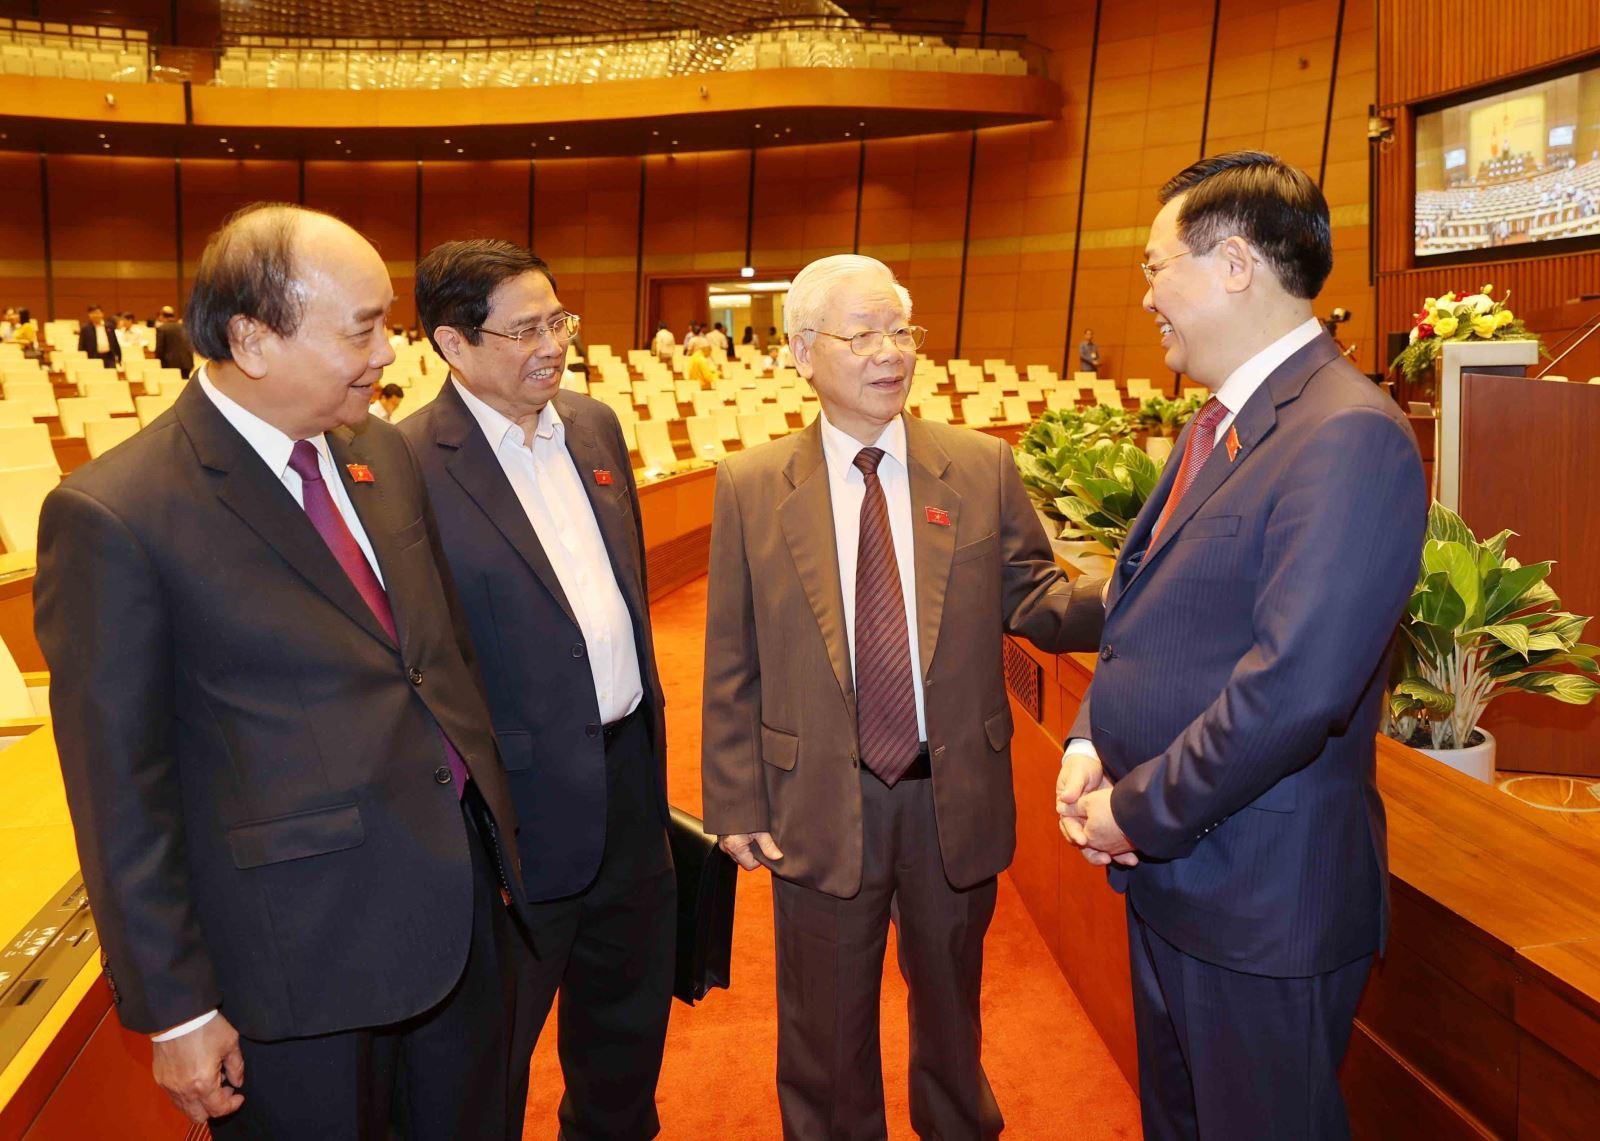 Tổng Bí thư, Chủ tịch nước Nguyễn Phú Trọng với các đồng chí lãnh đạo Đảng, Nhà nước tại phiên họp ngày 2-4-2021. Ảnh: Trí Dung/TTXVN